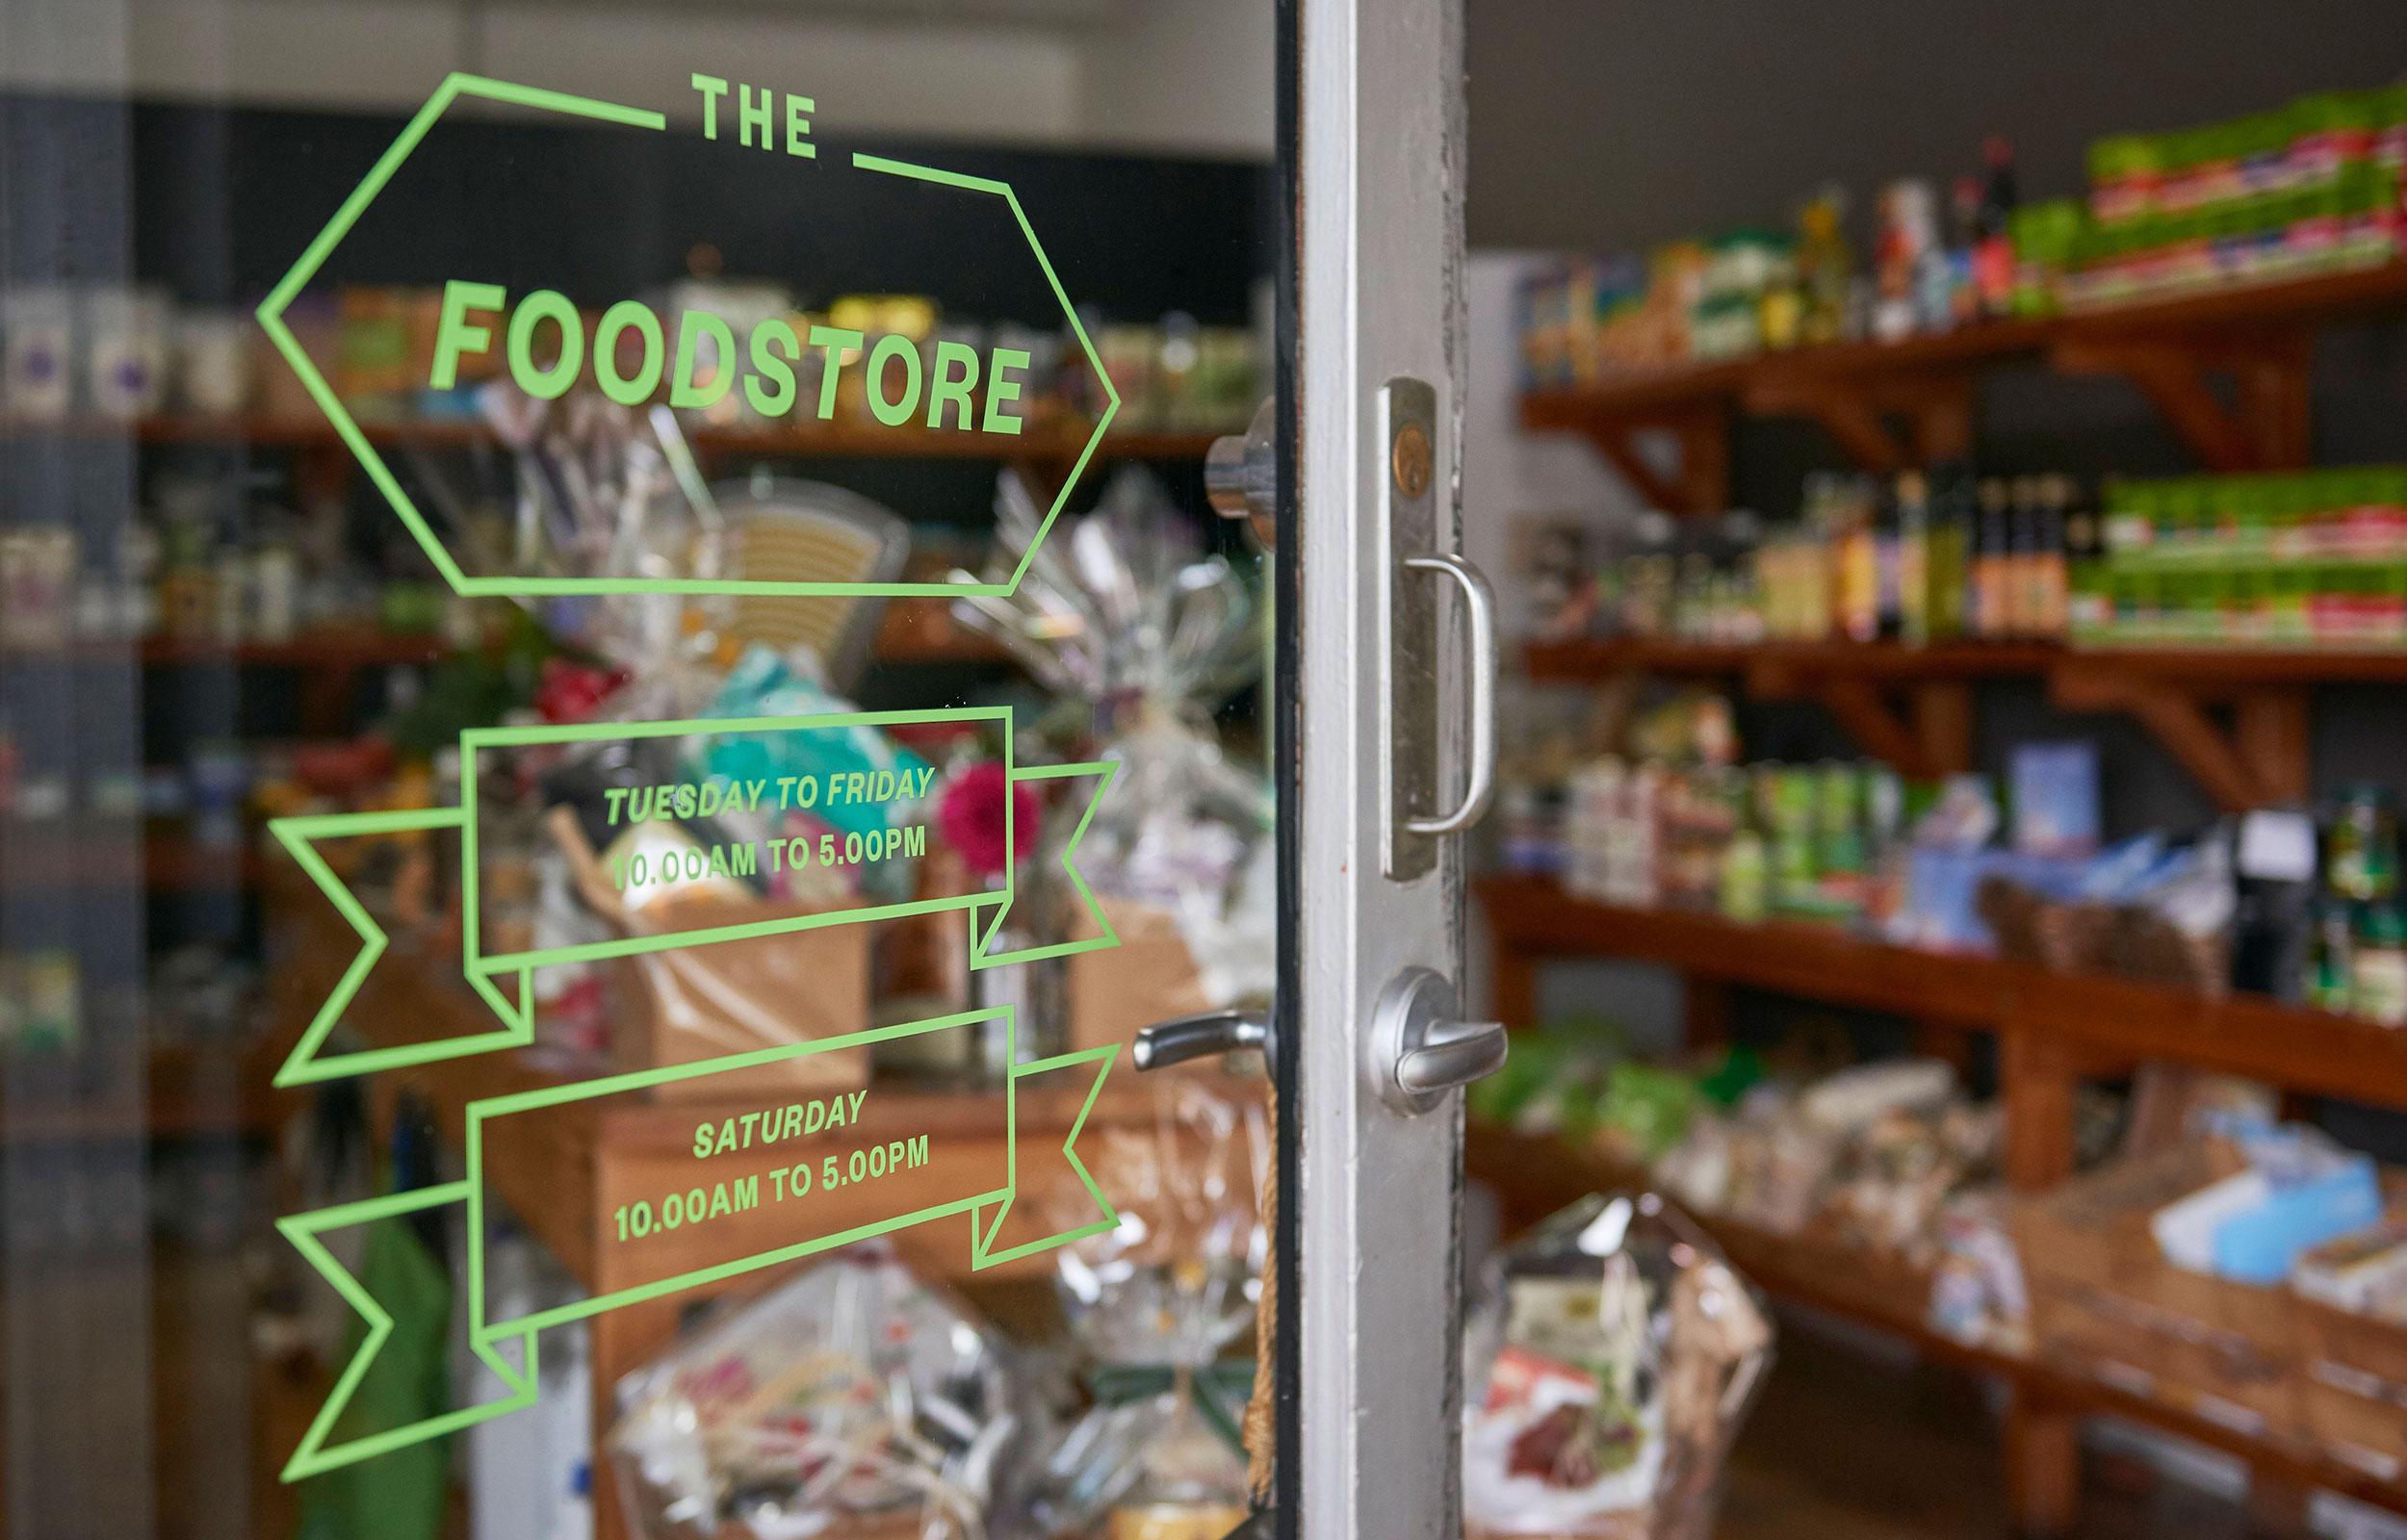 enoki-graphic-foodstore-1.jpg